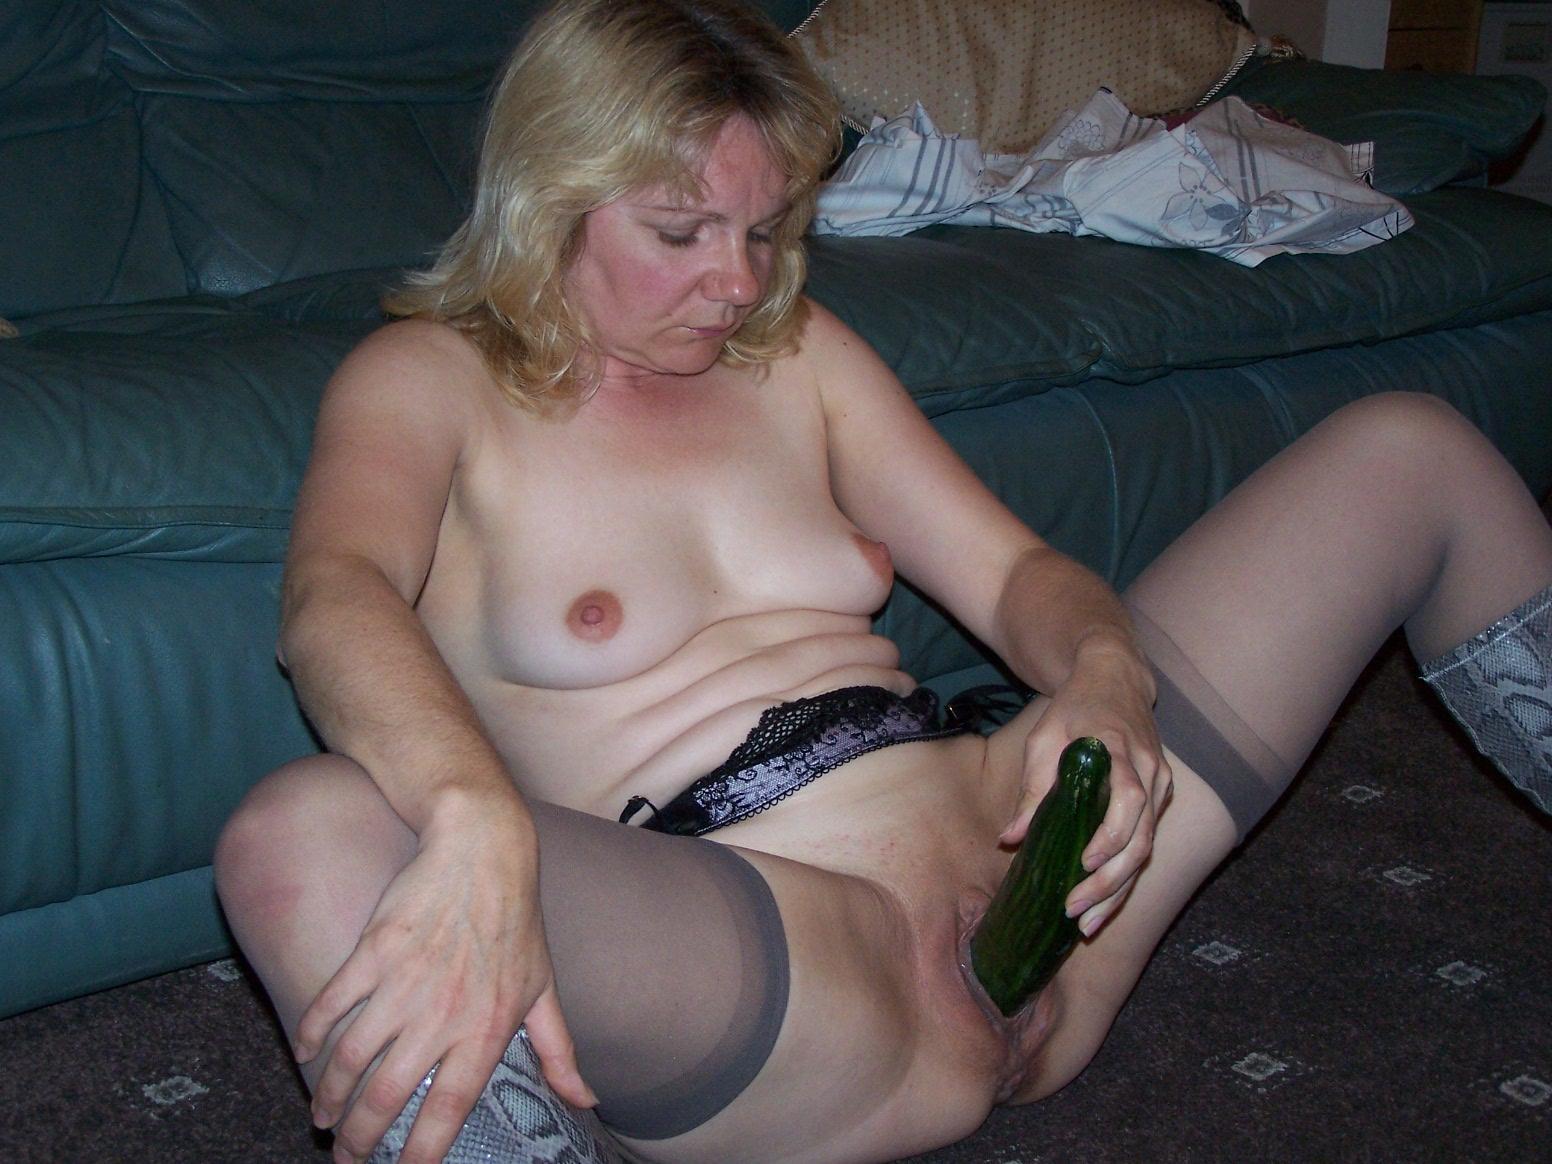 Порно зрелйх мамаш смотреть сейчас бесплатно